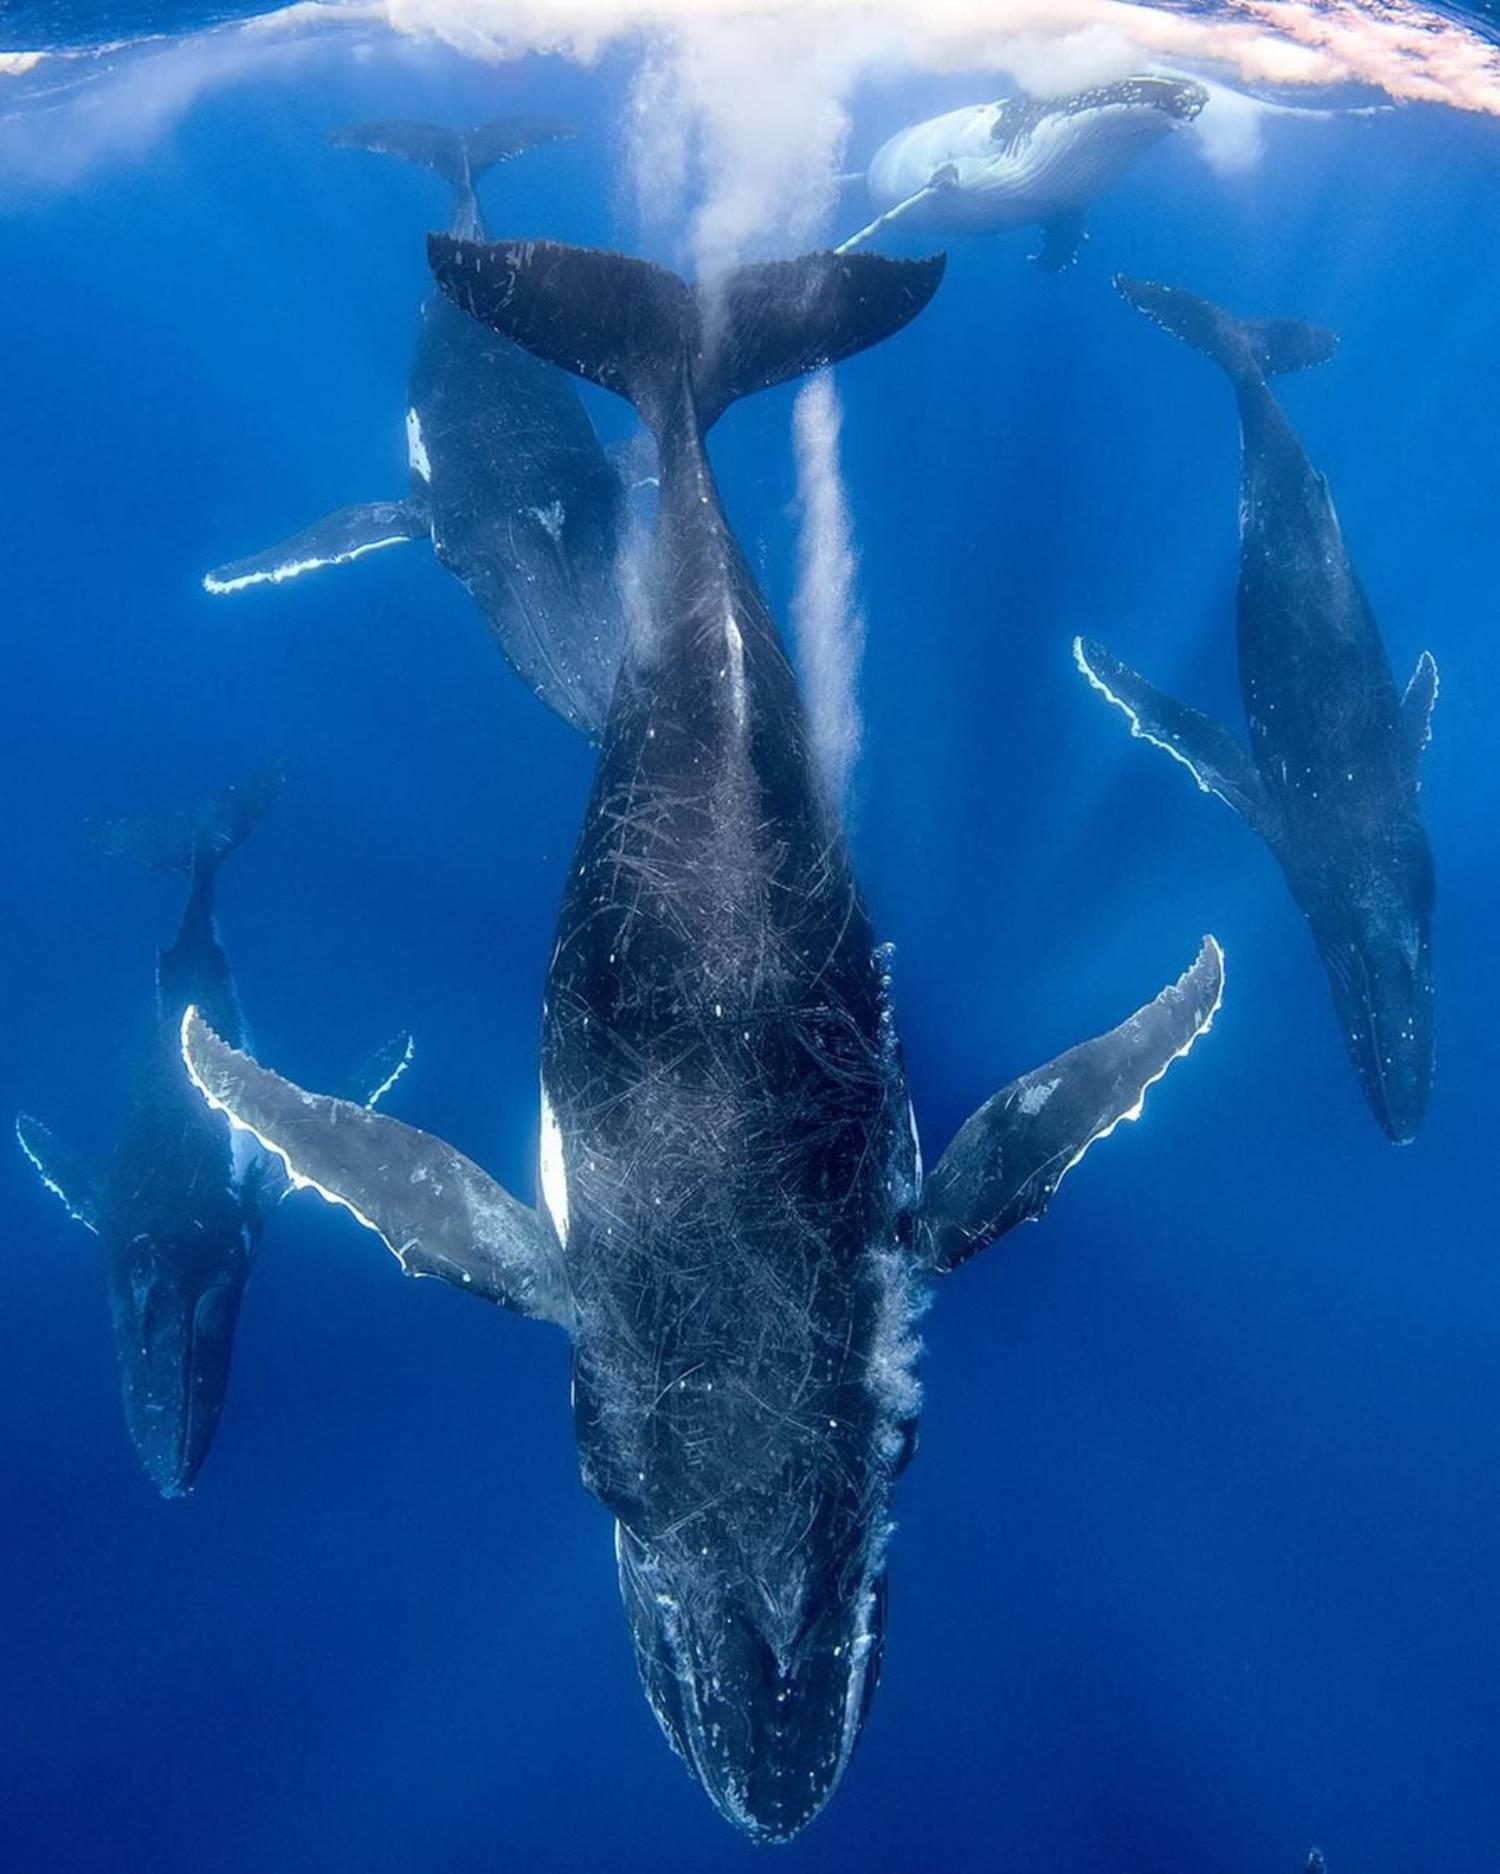 Allaitement baleine à bosse